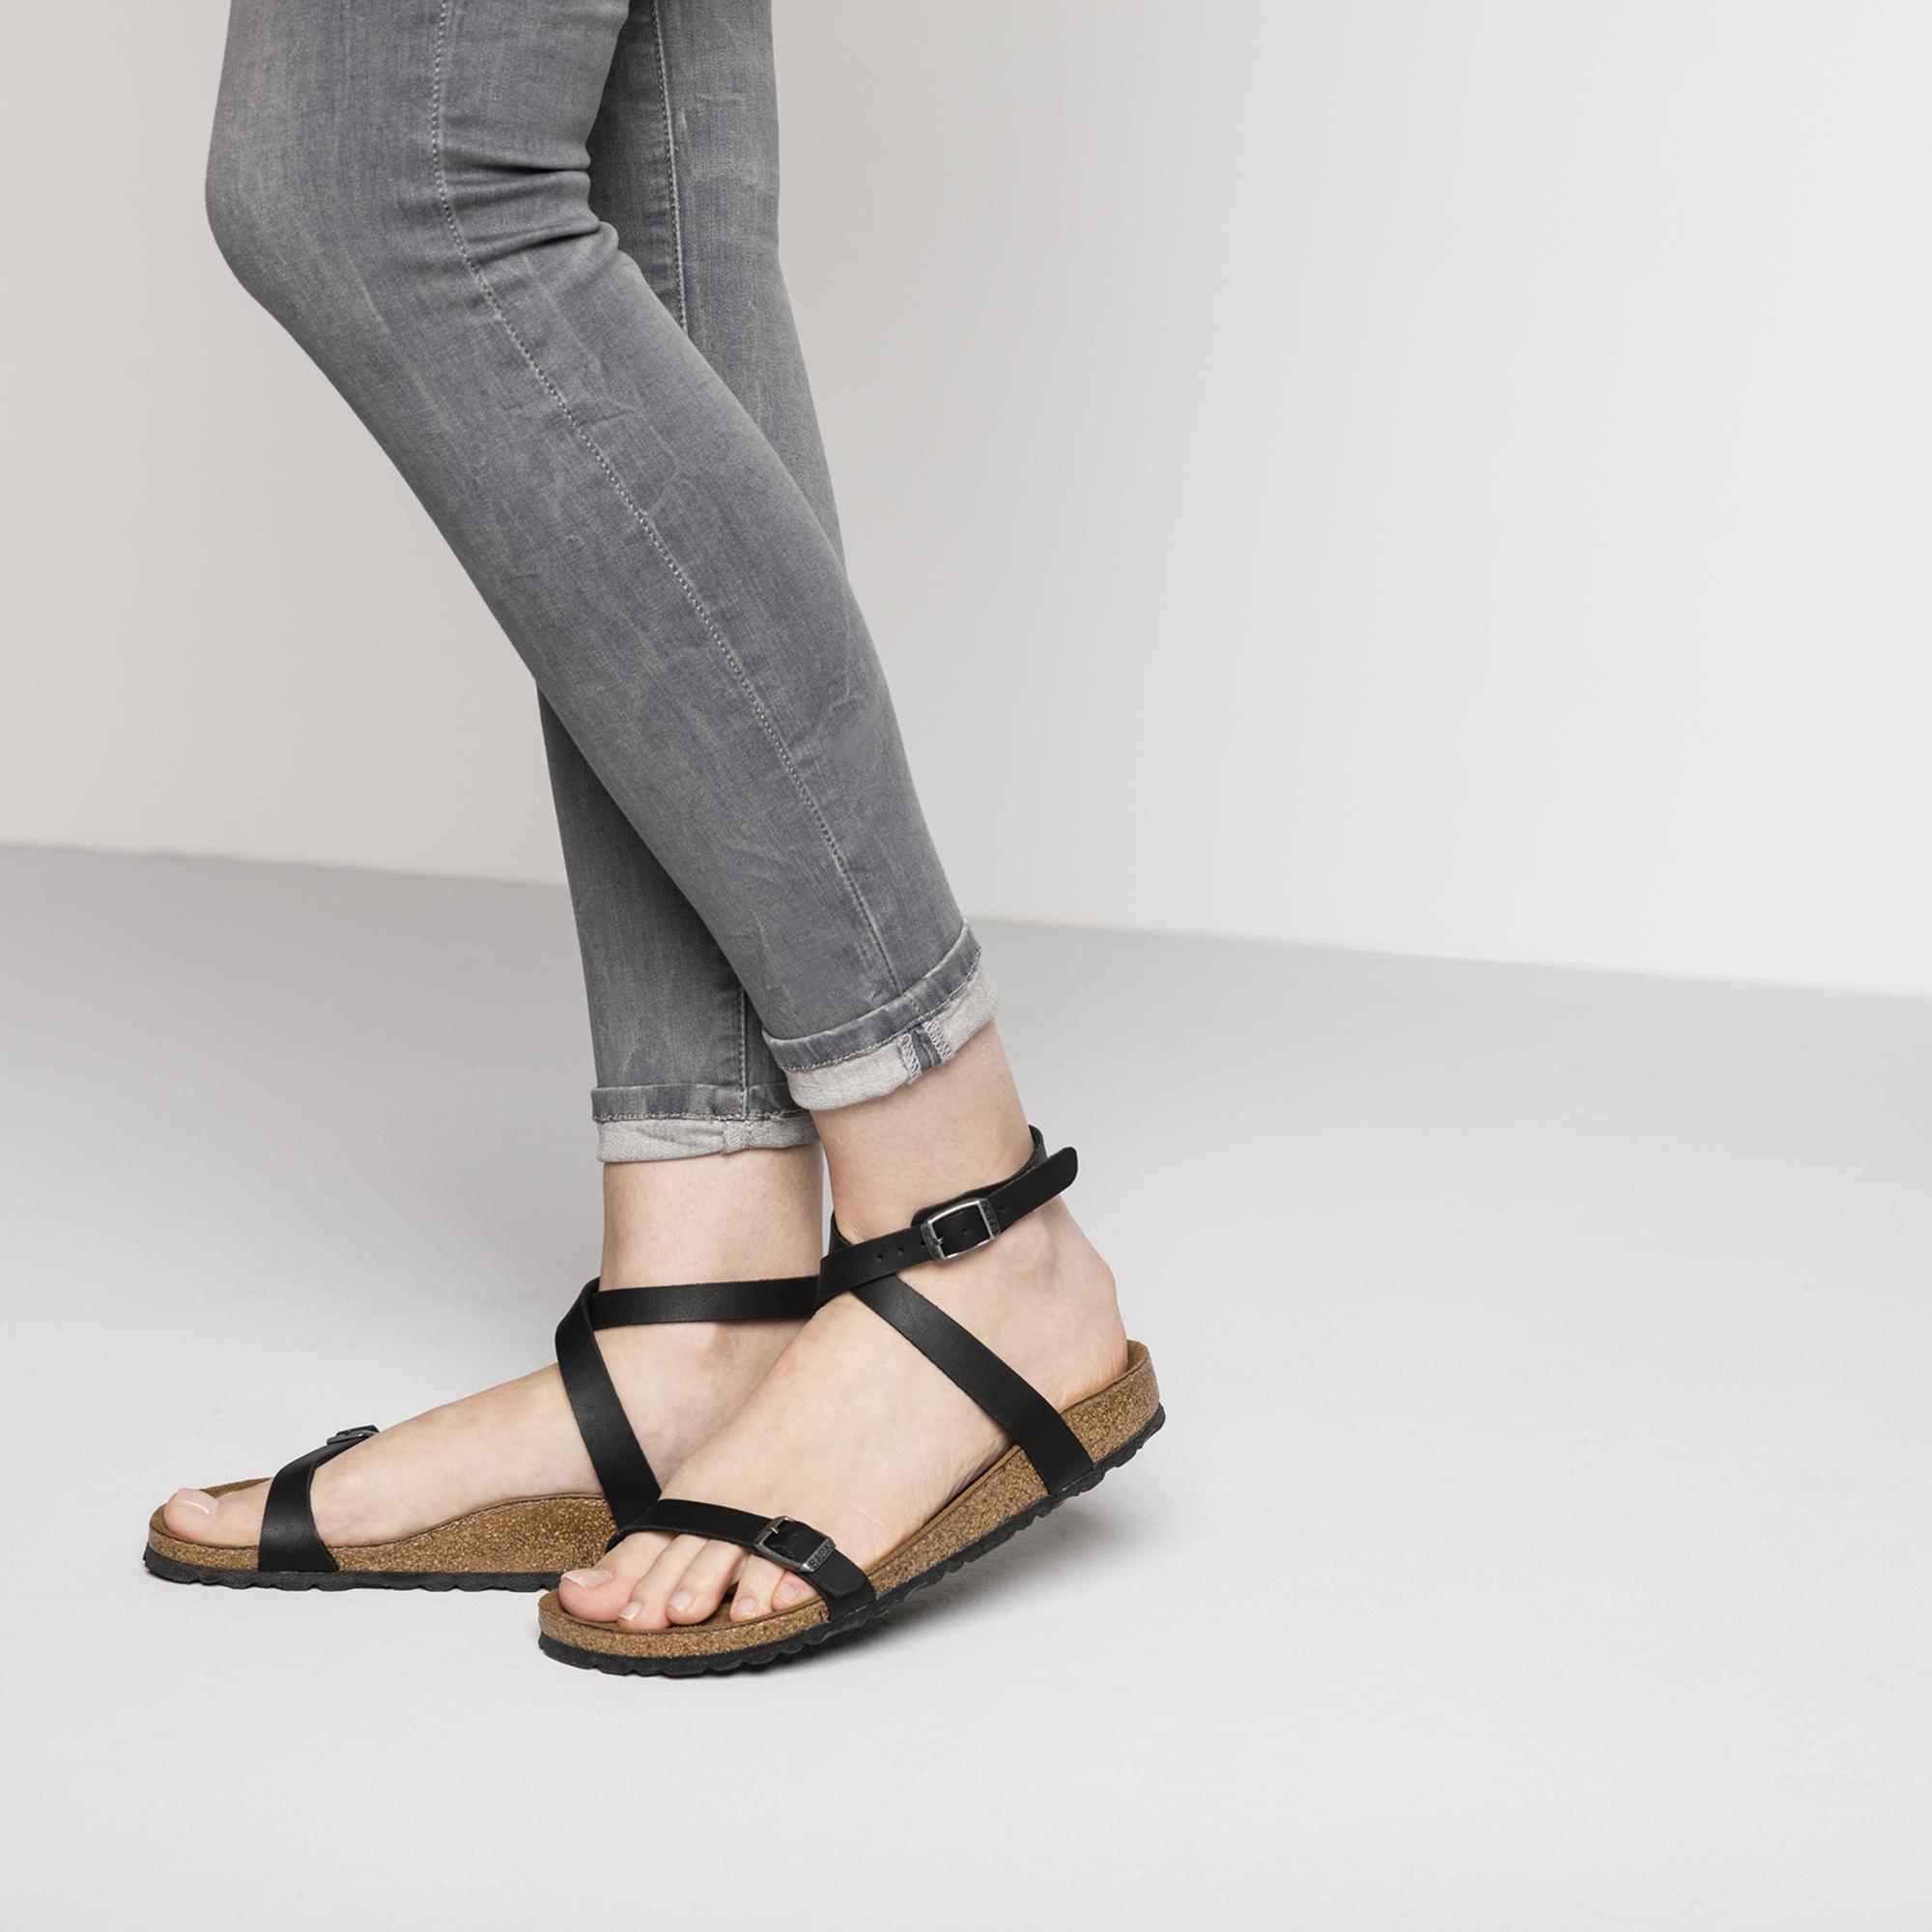 Daloa Ankle Strap Sandals klZfMqGs